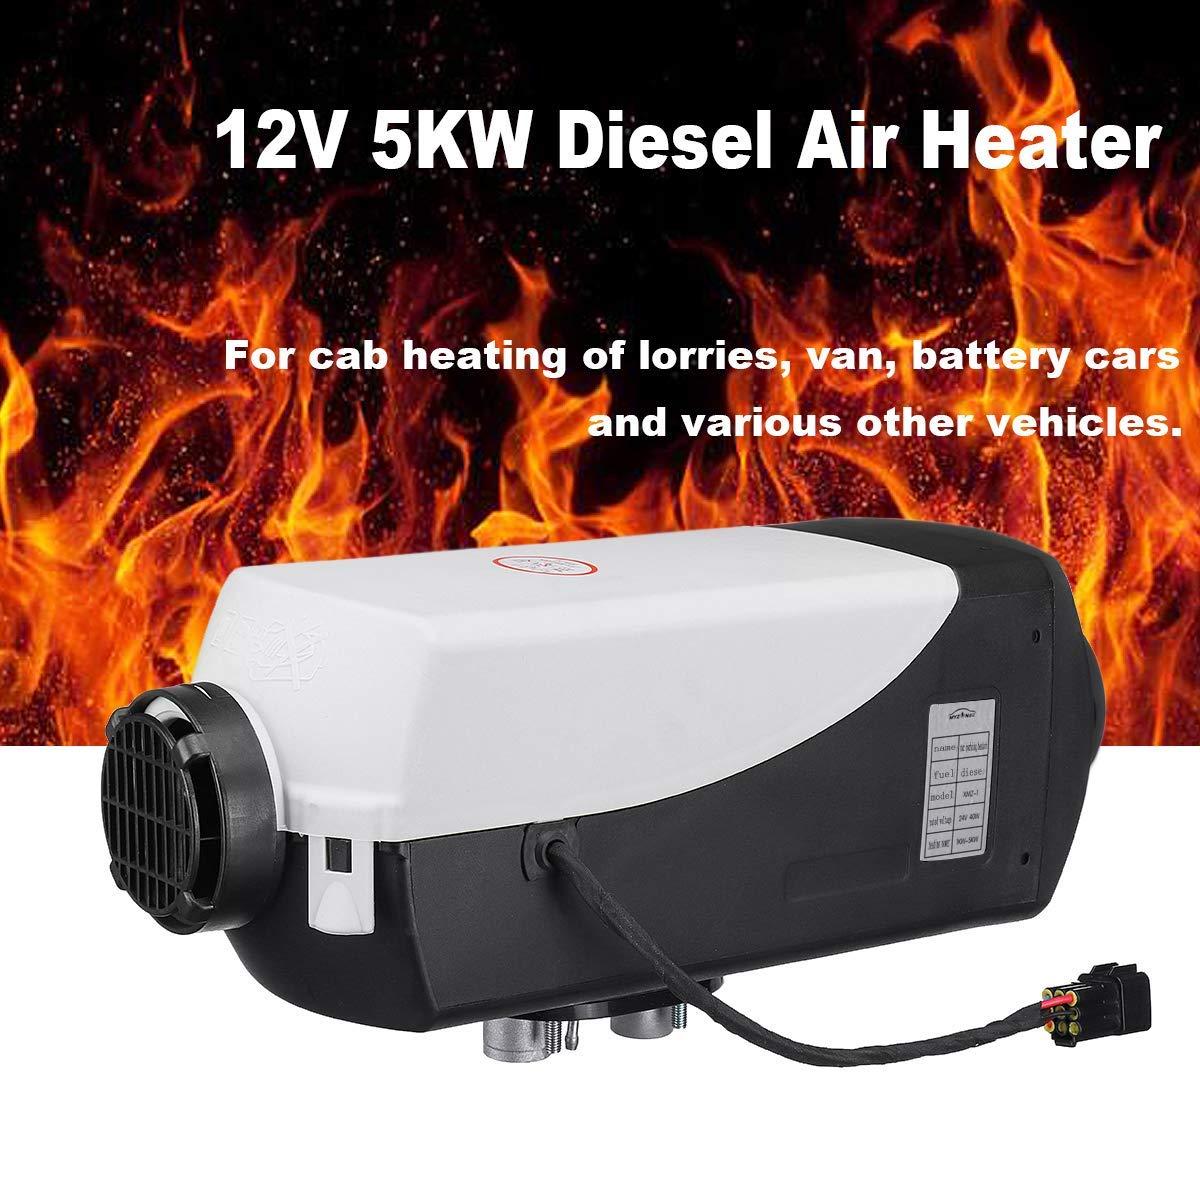 ETE ETMATE 5KW 12V Diesel Chauffage de Voiture Diesel Chauffage de Voiture Chauffage sur Pied Air Chauffage Voiture Chauffage Voiture Chauffage avec t/él/écommande